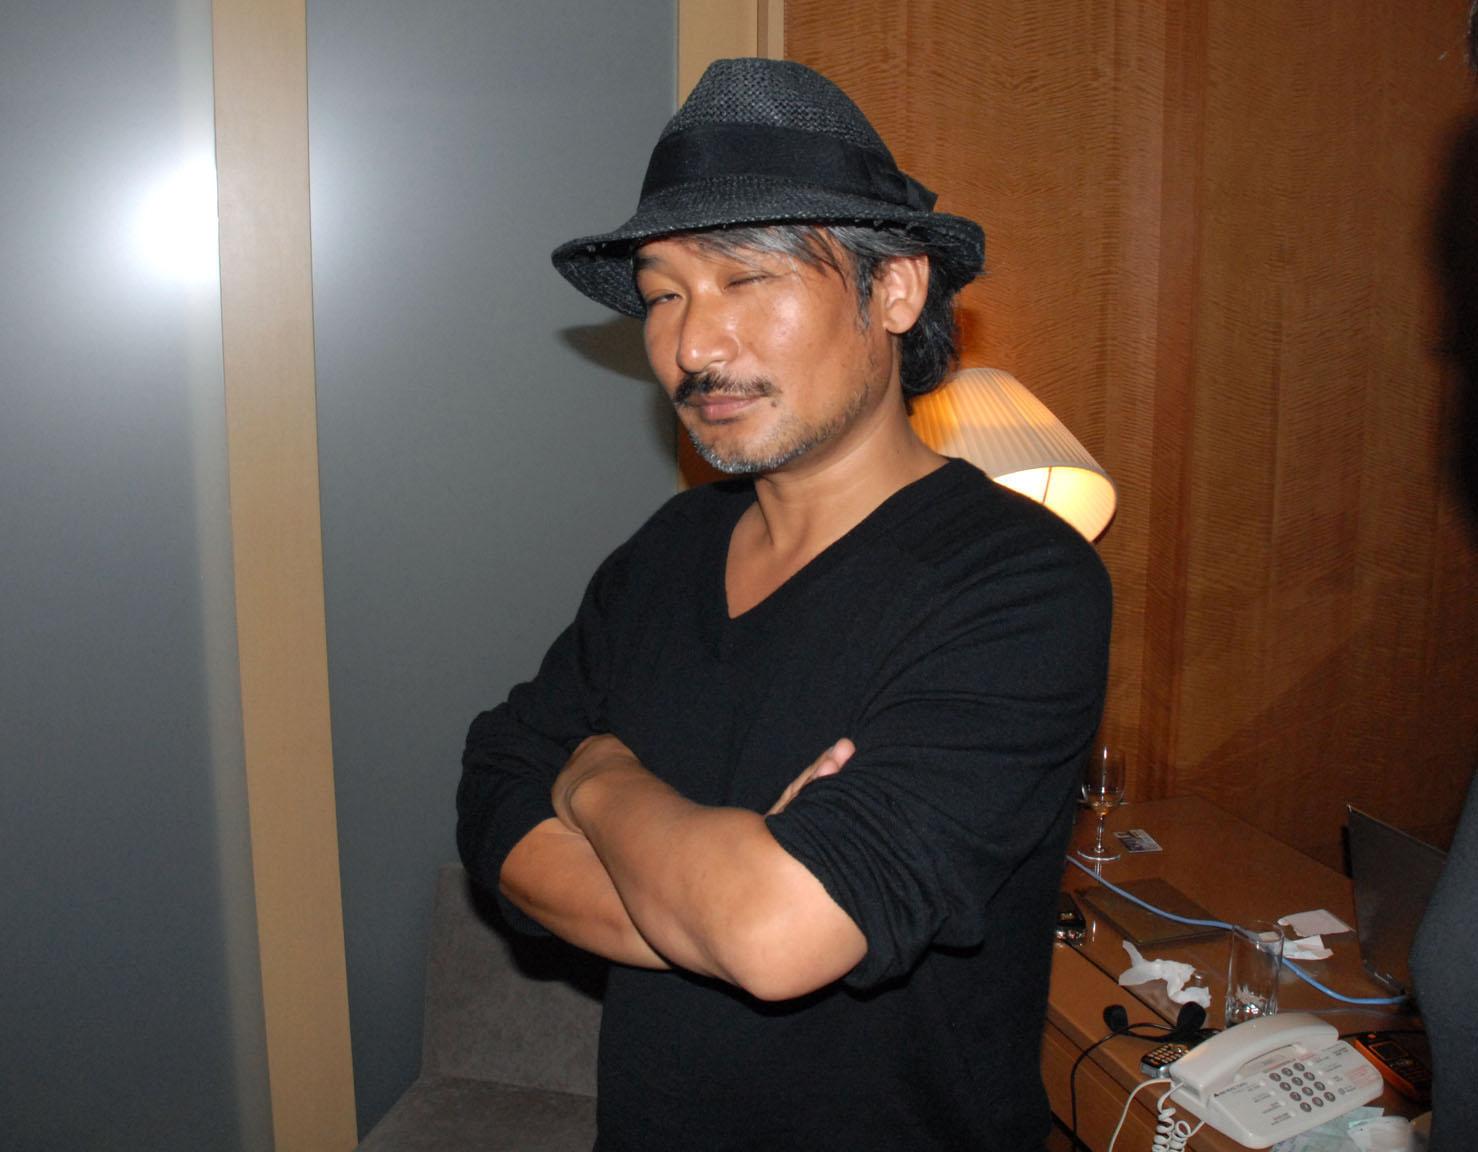 CharlieFumihiro